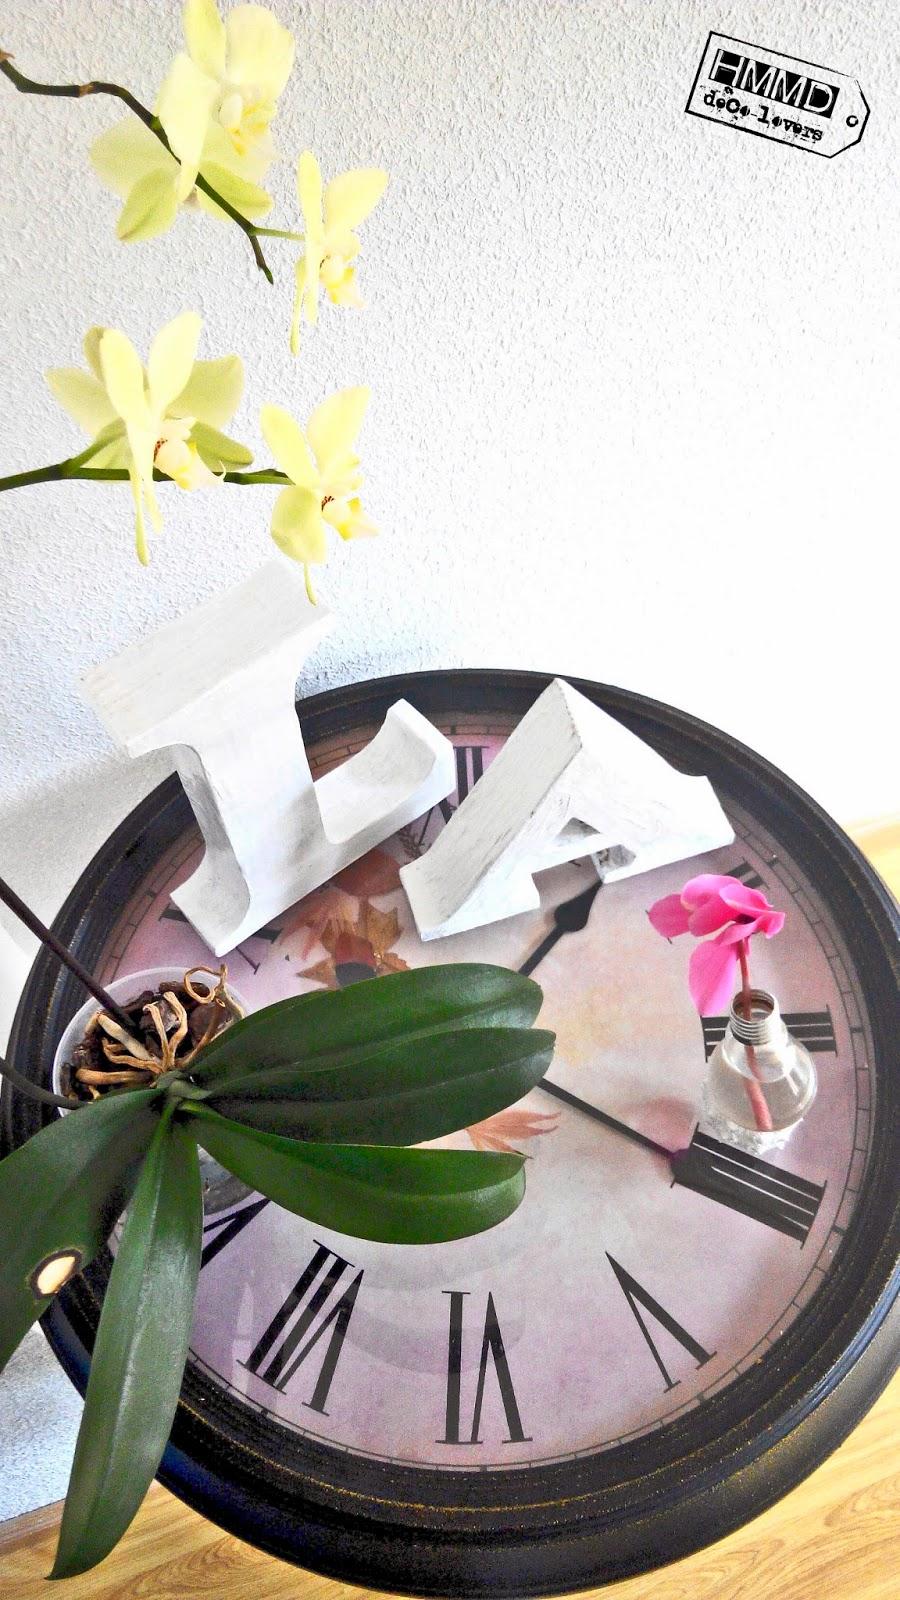 Mesa reloj vintage, look industrial, original y romántico by HMMD Table clock, industrial romantic look gift metal by Handmademaniadecor